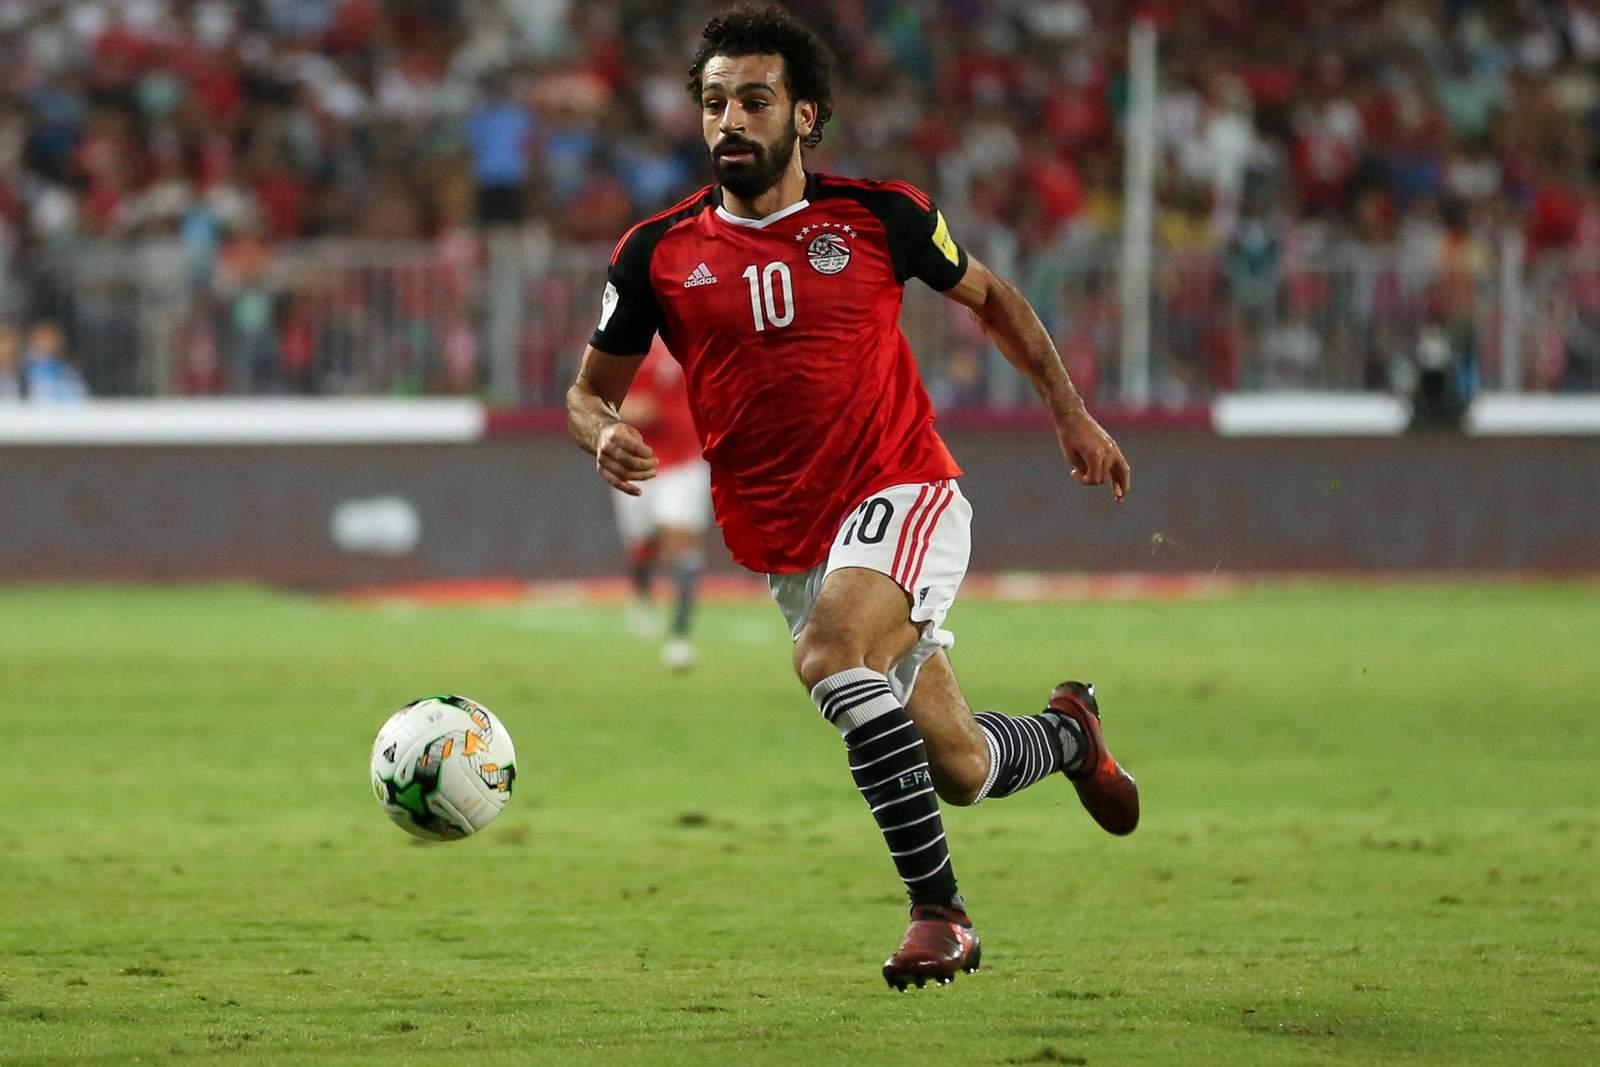 Mohamed Salah zieht mit Ball Richtung Tor. Jetzt auf Saudi-Arabien gegen Ägypten wetten.